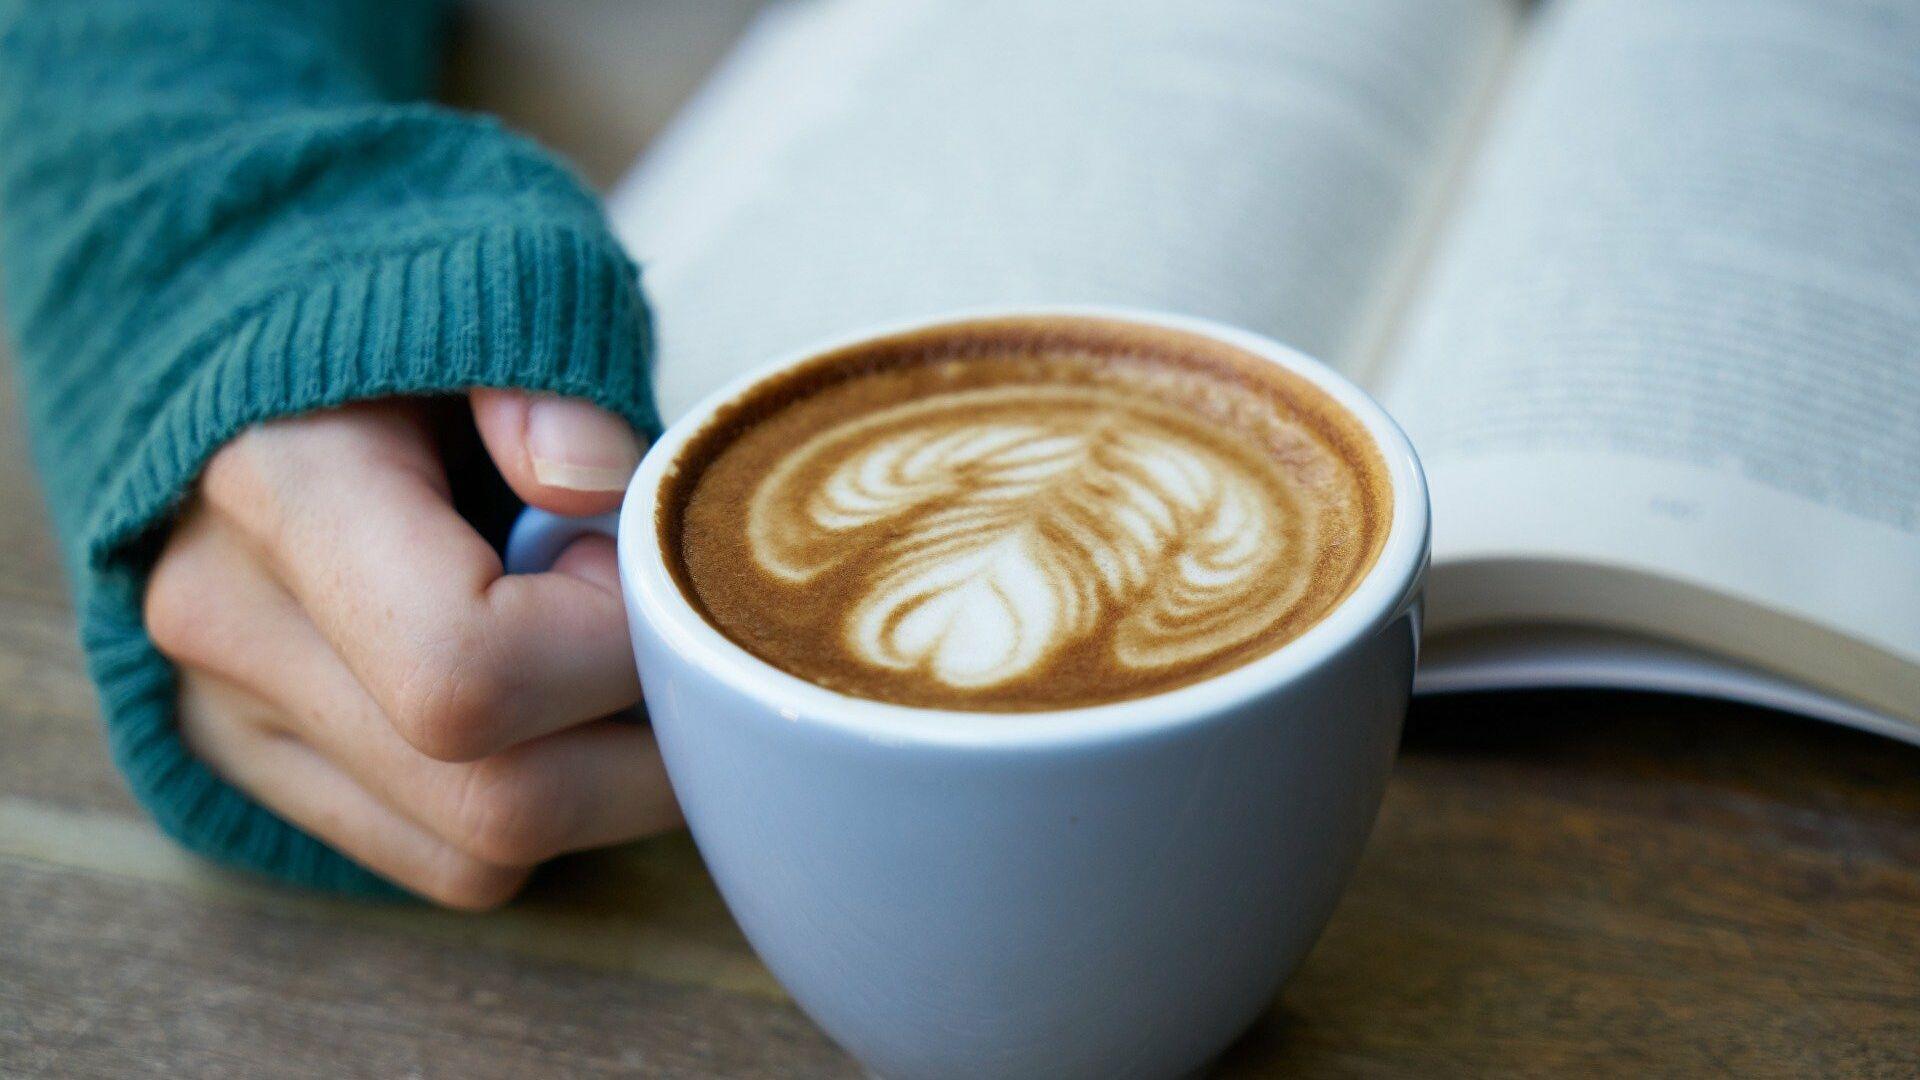 Ученые рассказали об особенностях функциональных связей мозга у любителей кофе